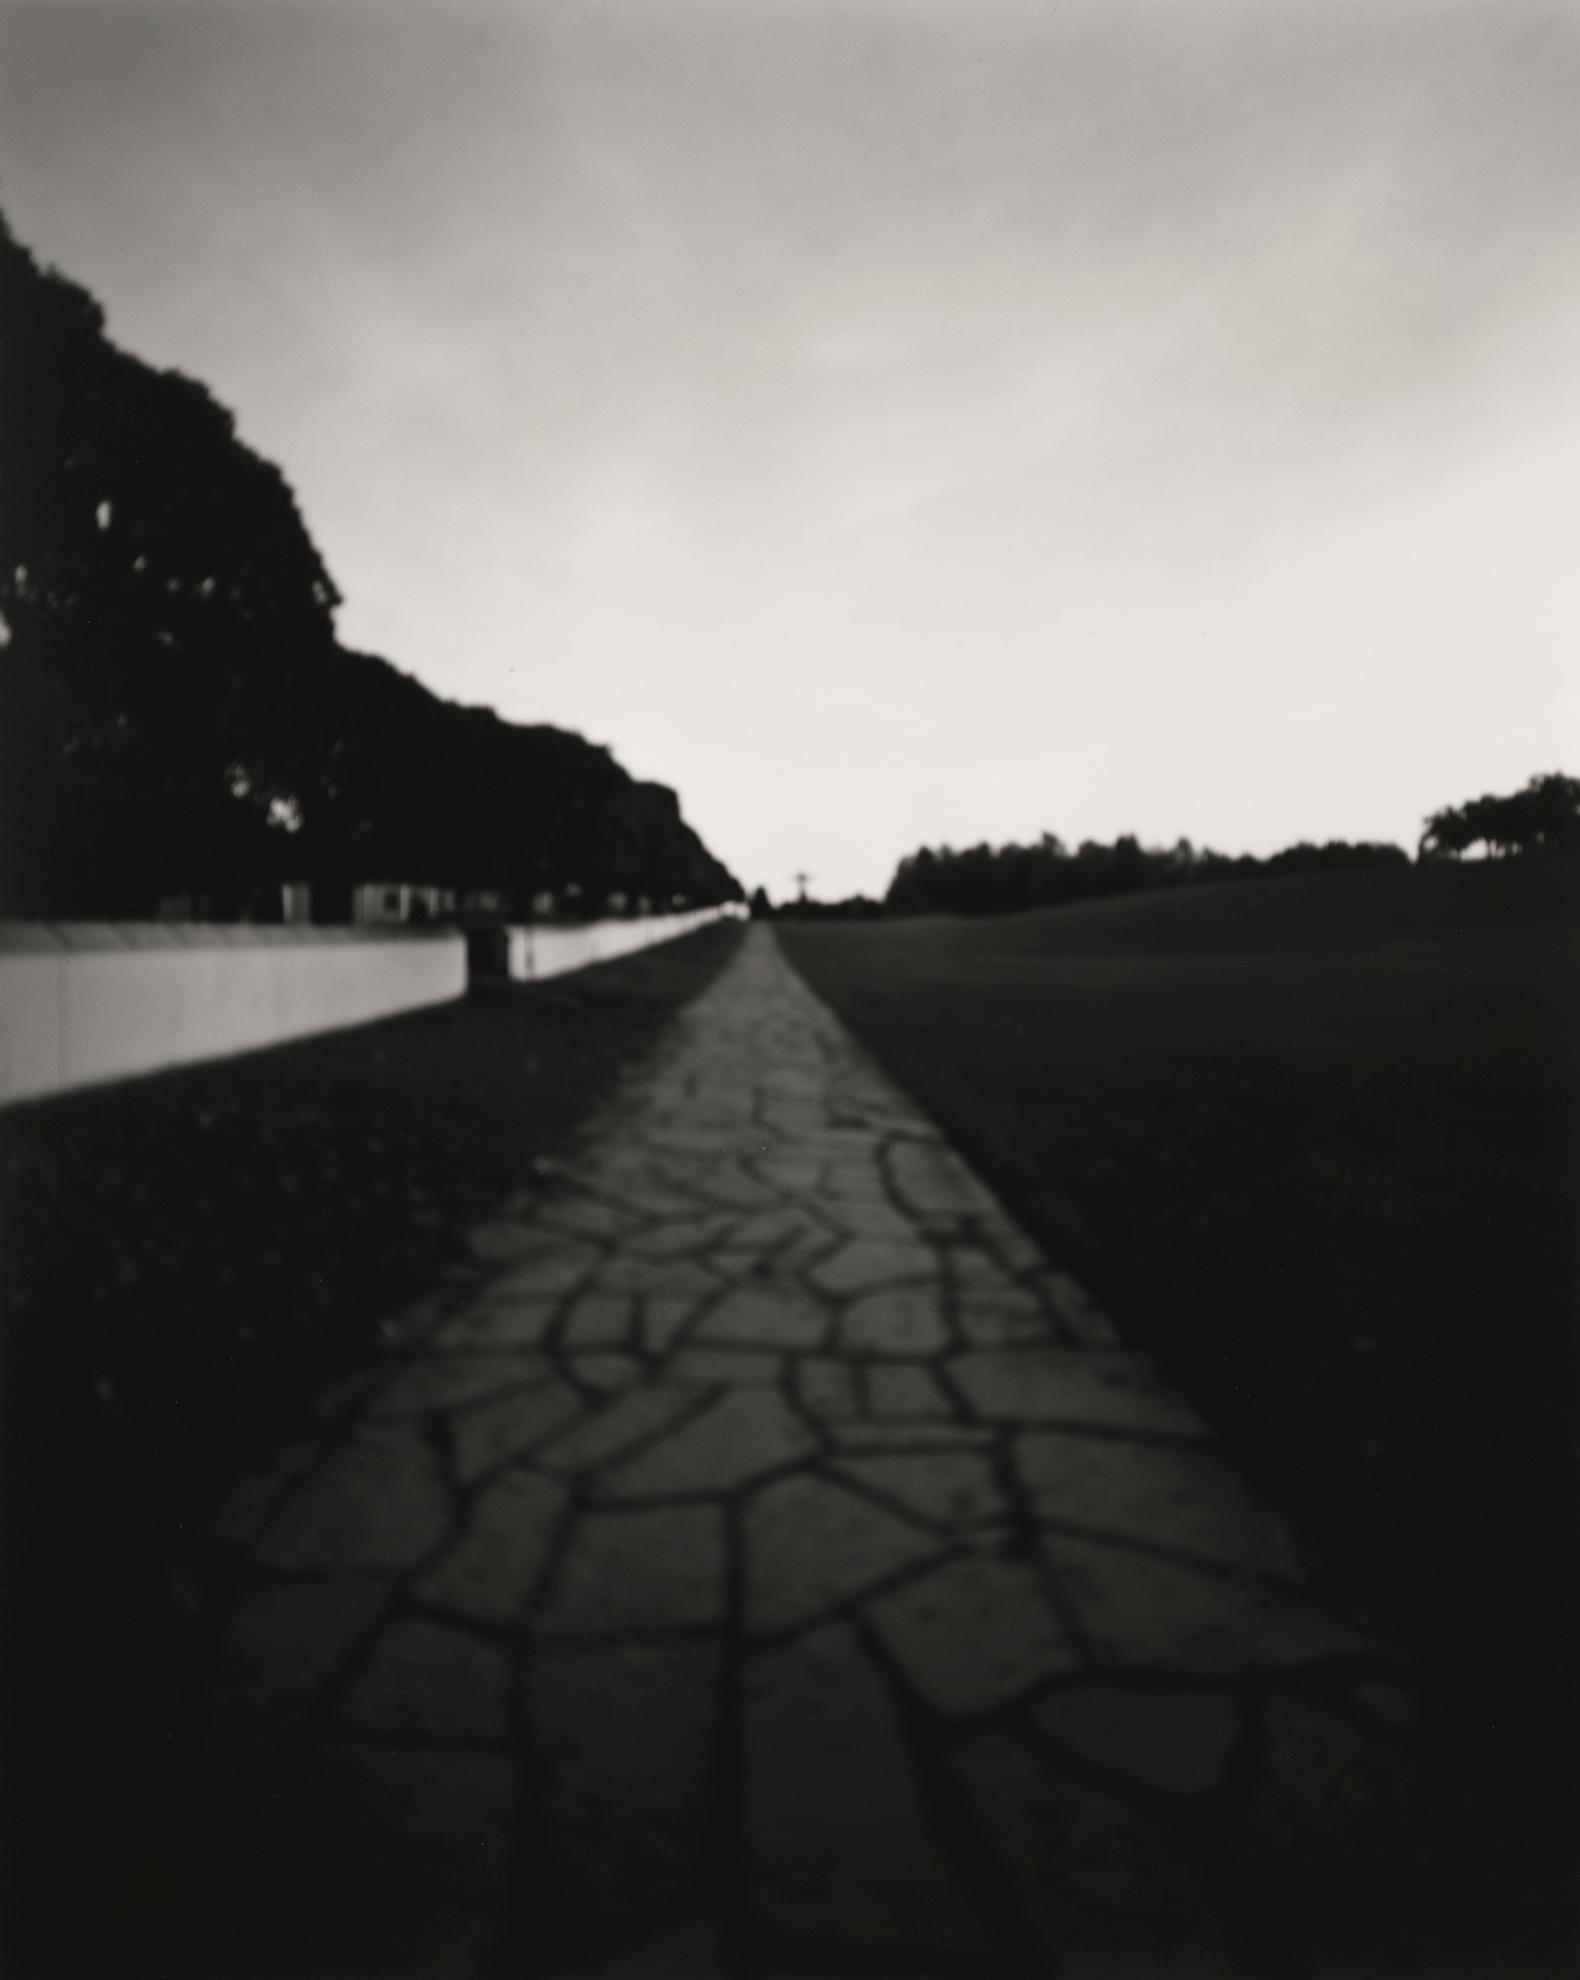 Hiroshi Sugimoto-Woodland Cemetery, 2001-